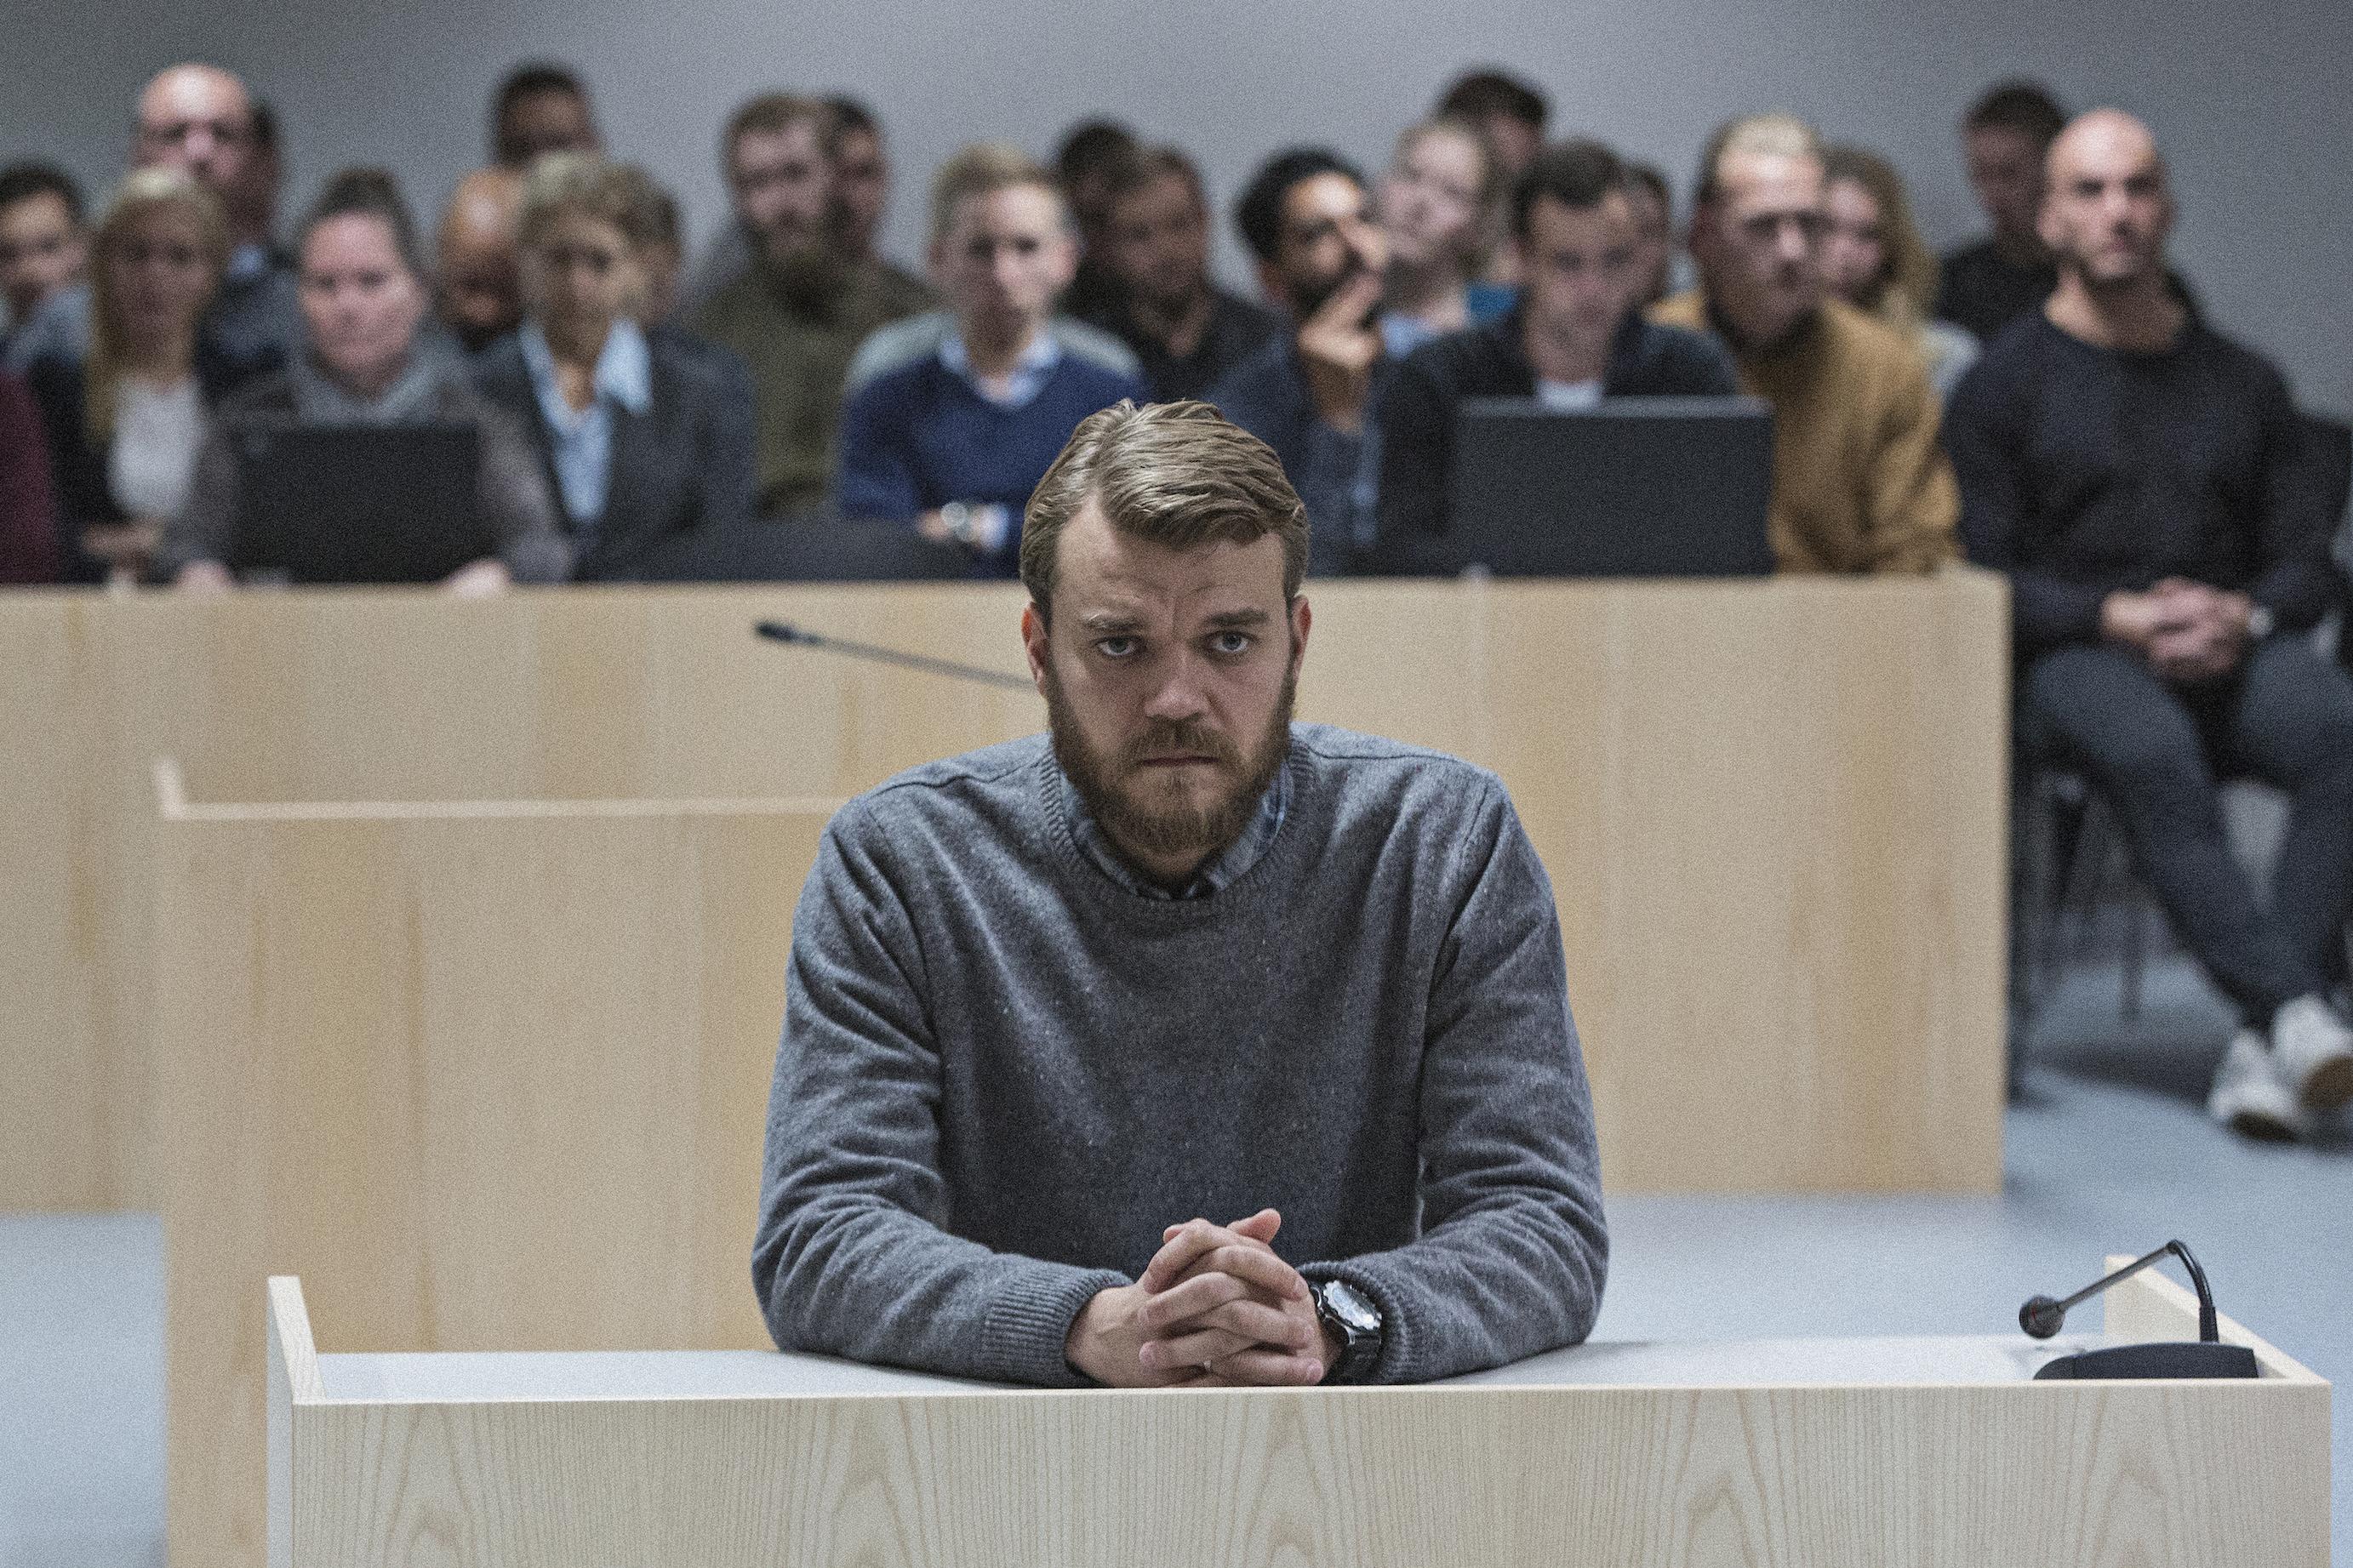 Kadr z filmu wojna, mężczyzna ok 30/40 letni siedzący na sali sądowej